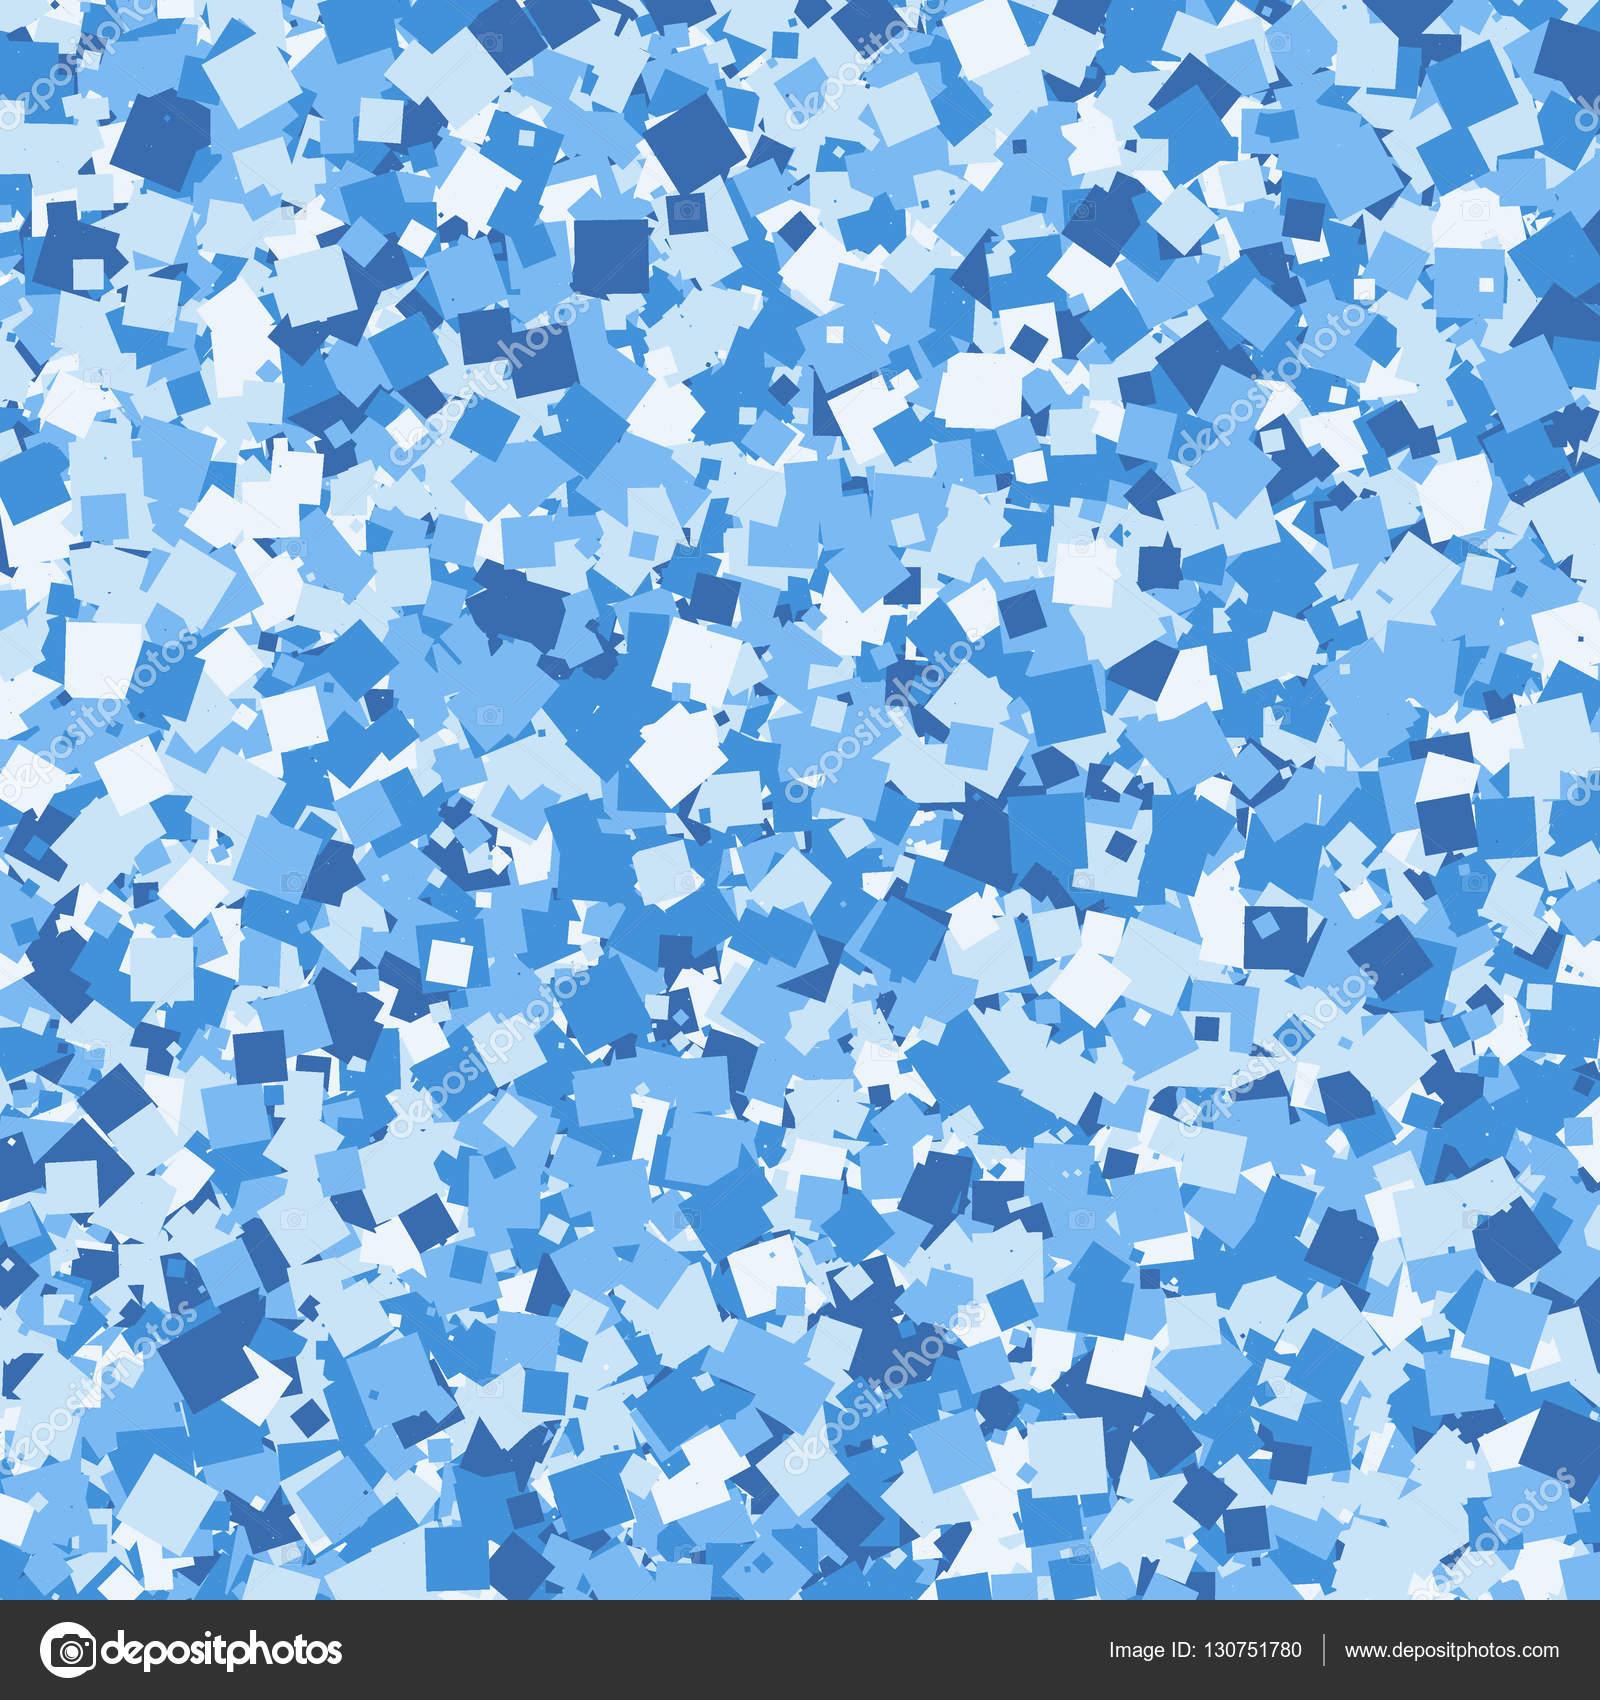 ice texture vector stock vector c sergio34 130751780 depositphotos